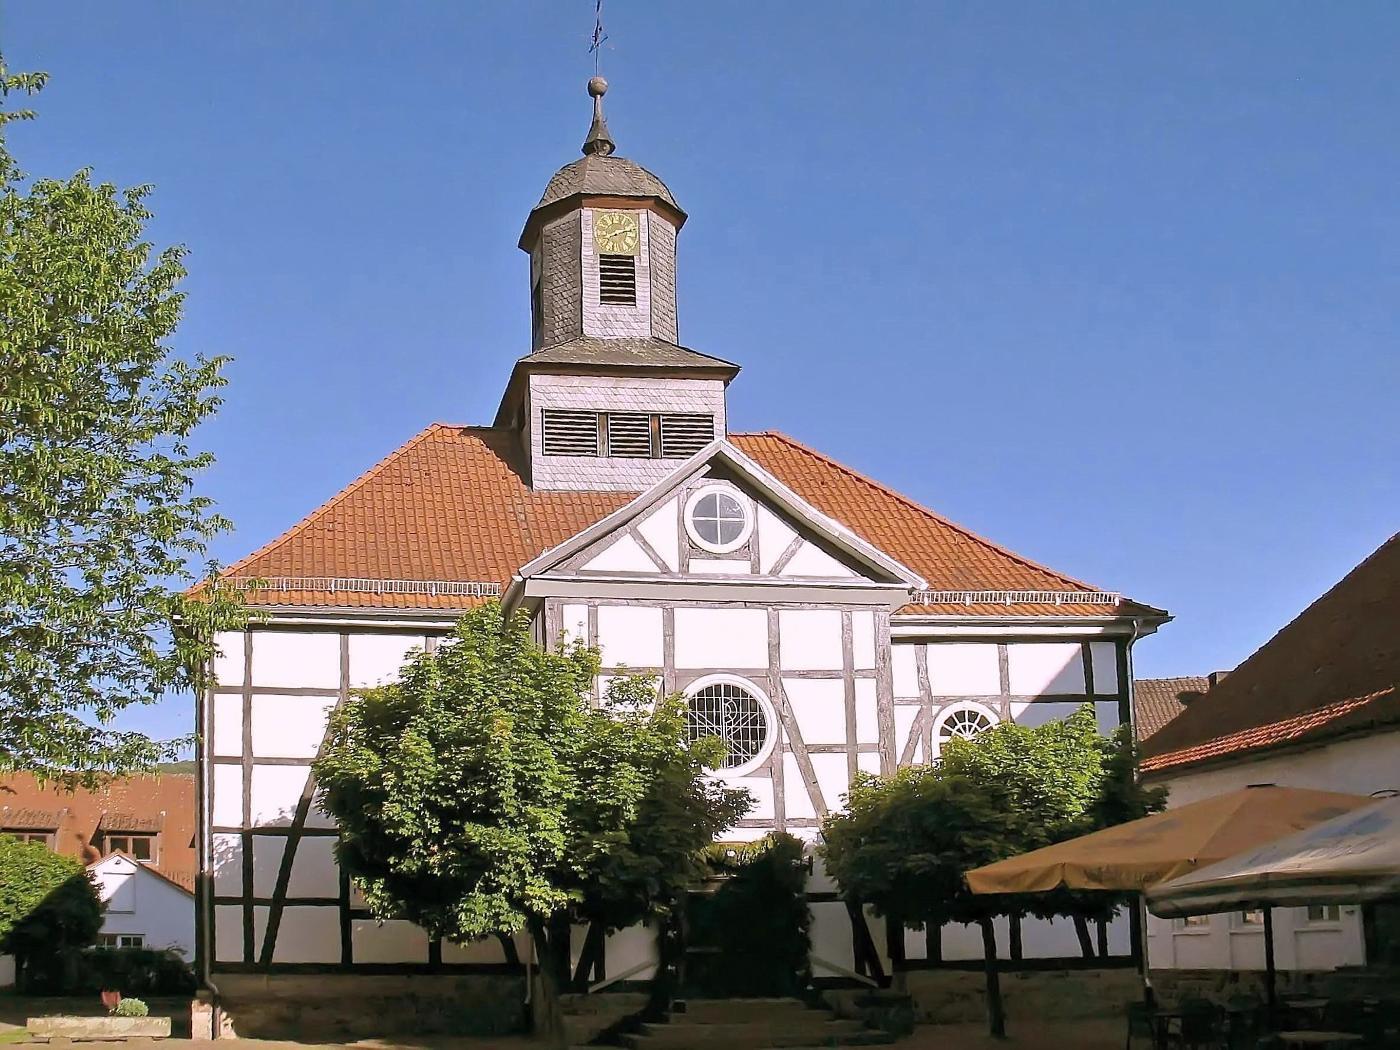 Christuskirche Gieselwerder